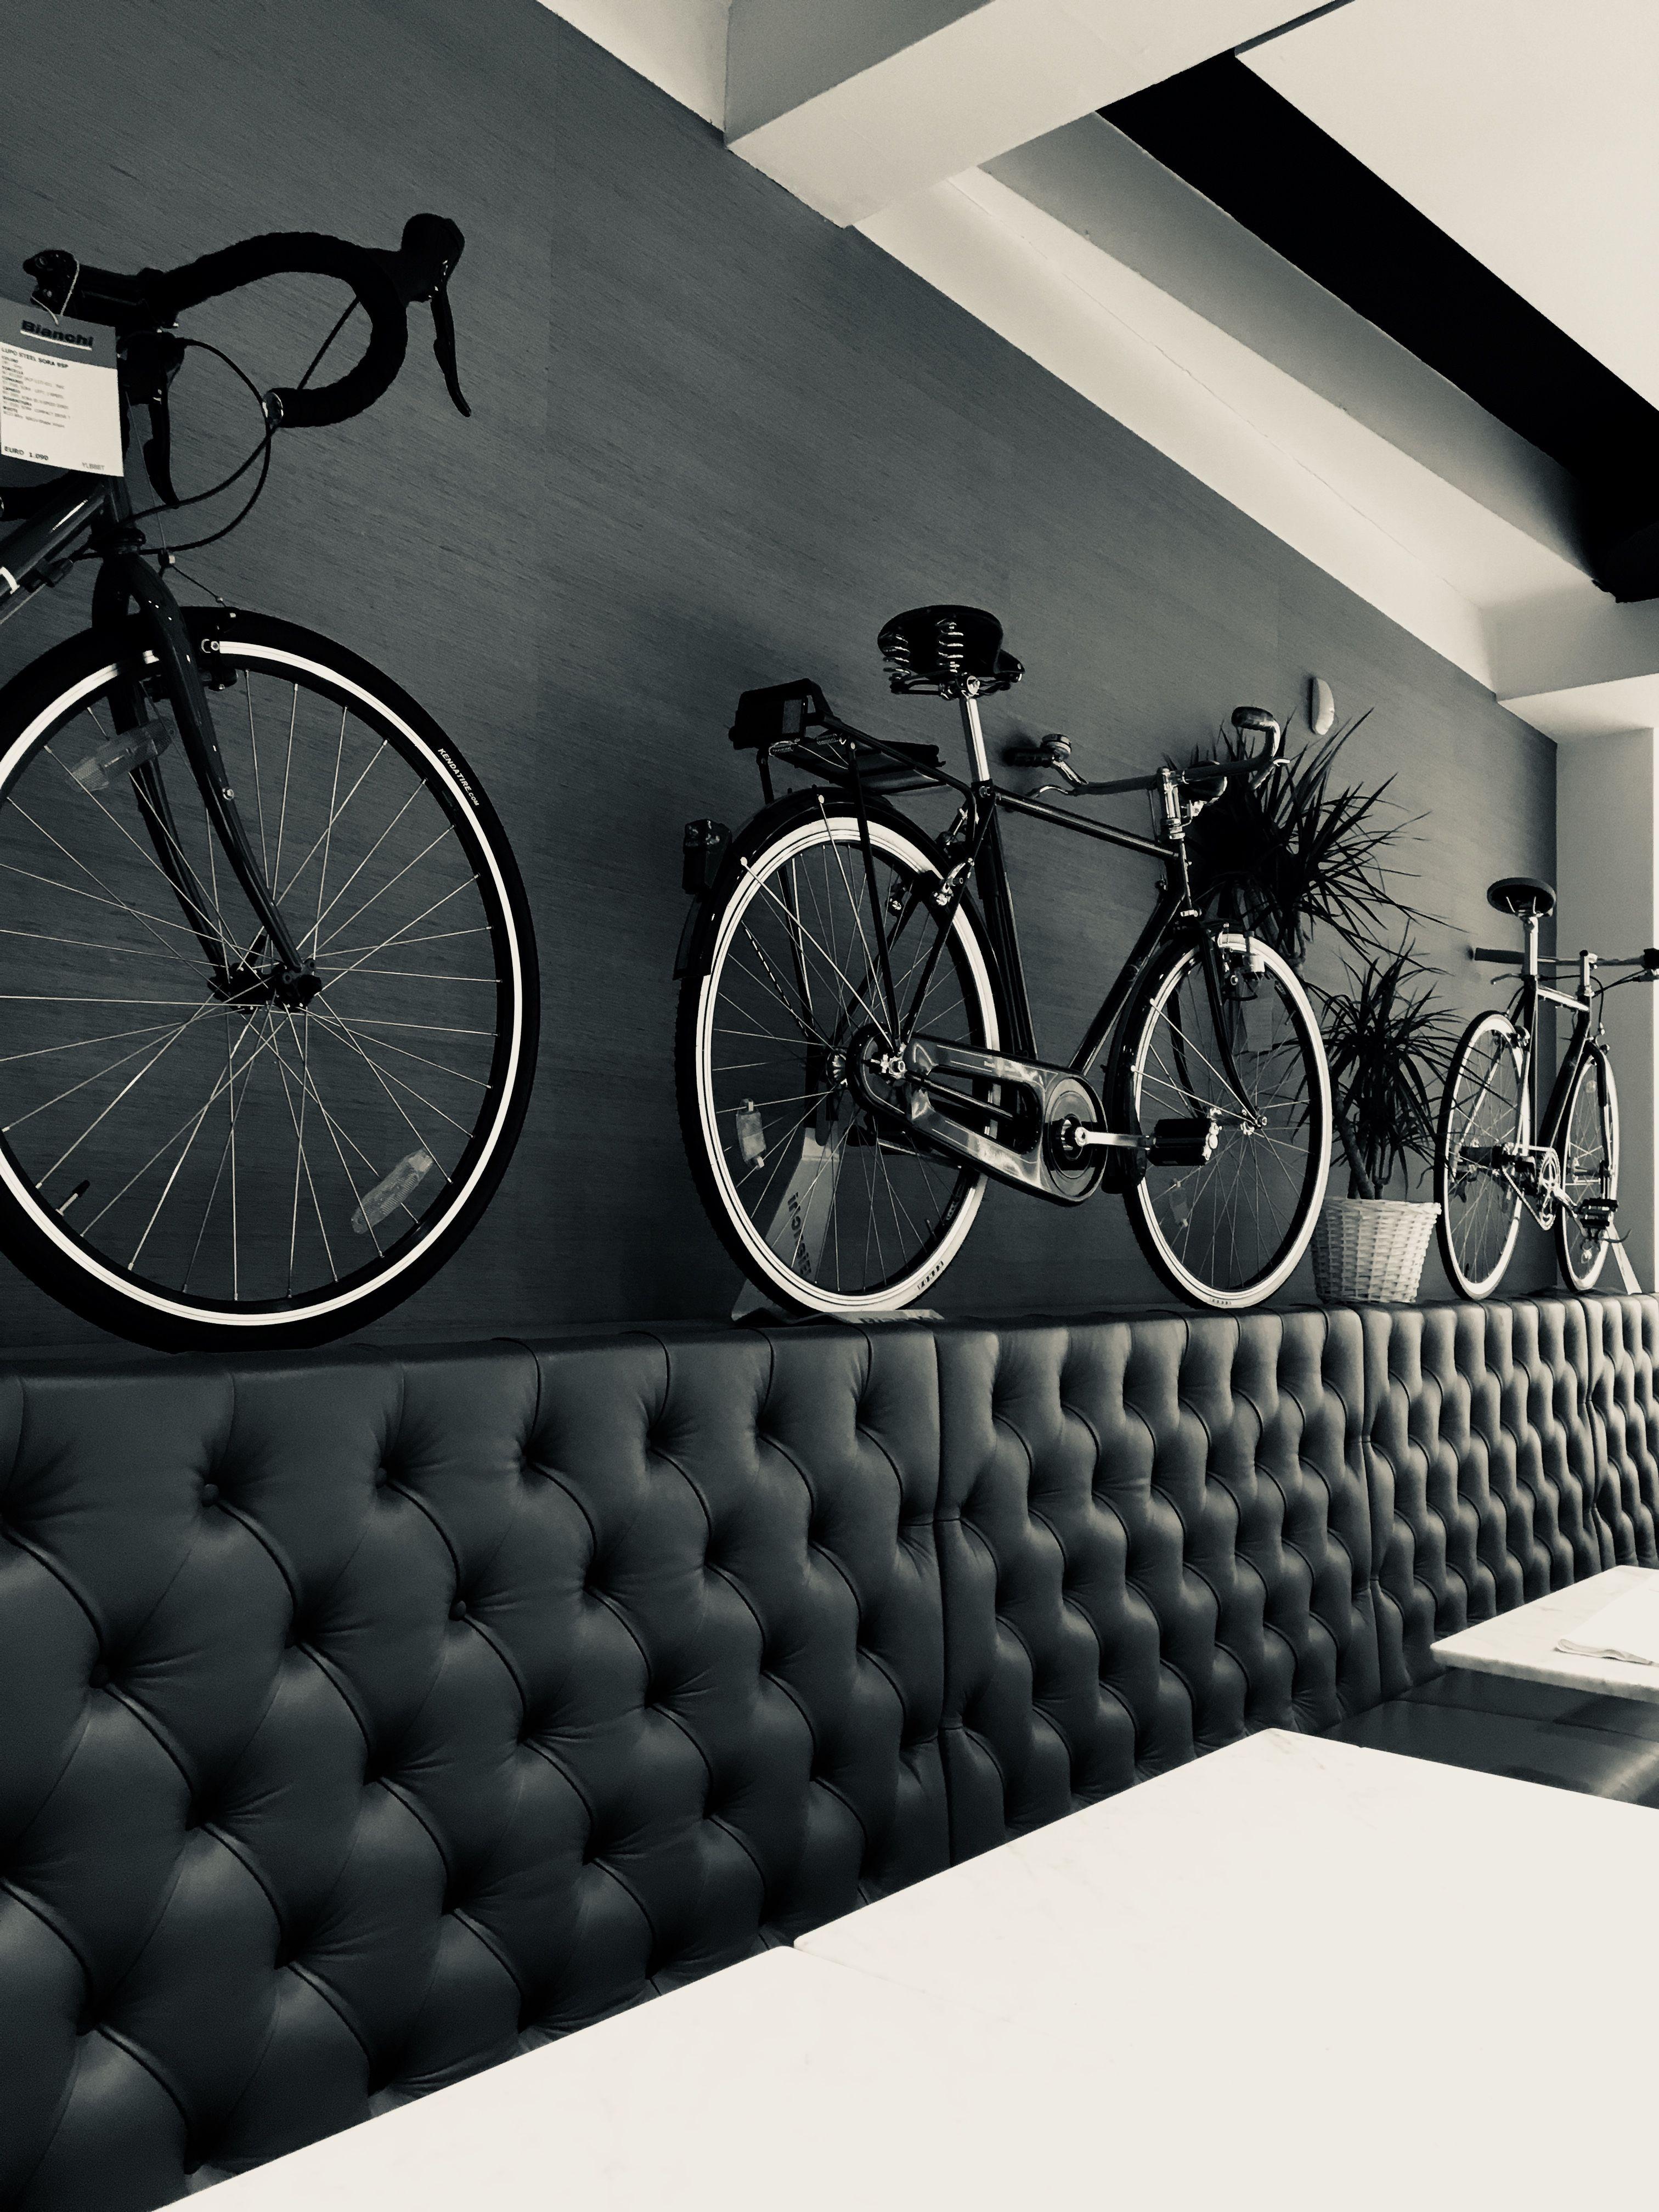 Pin von Tom Tomlin auf Bike Stowage   Pinterest   Fahrradkunst ...